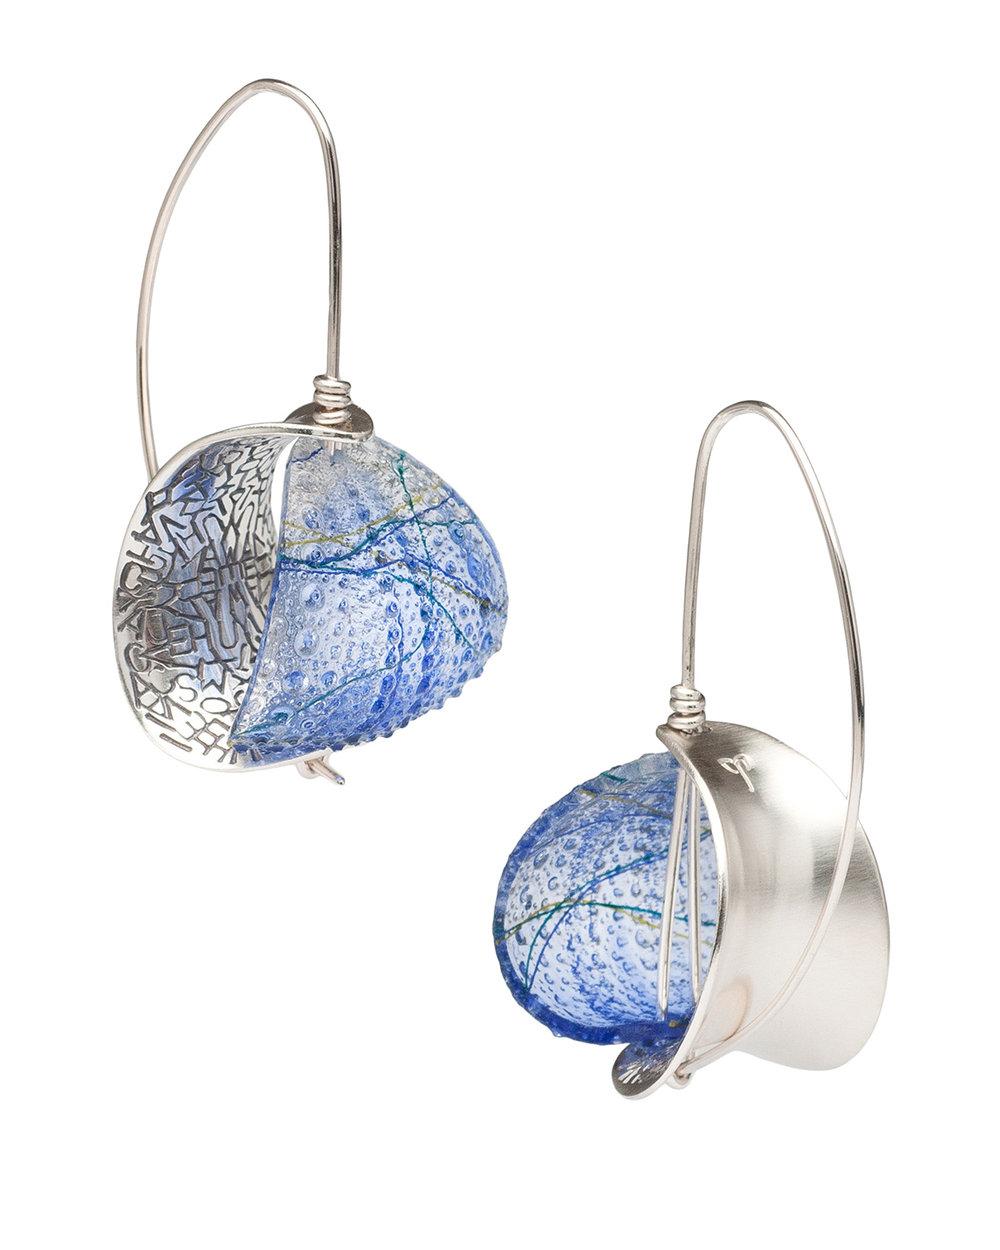 2016-12-Mary-Lynn-Podiluk-Retroflex-Earrings-Sim-39a.jpg